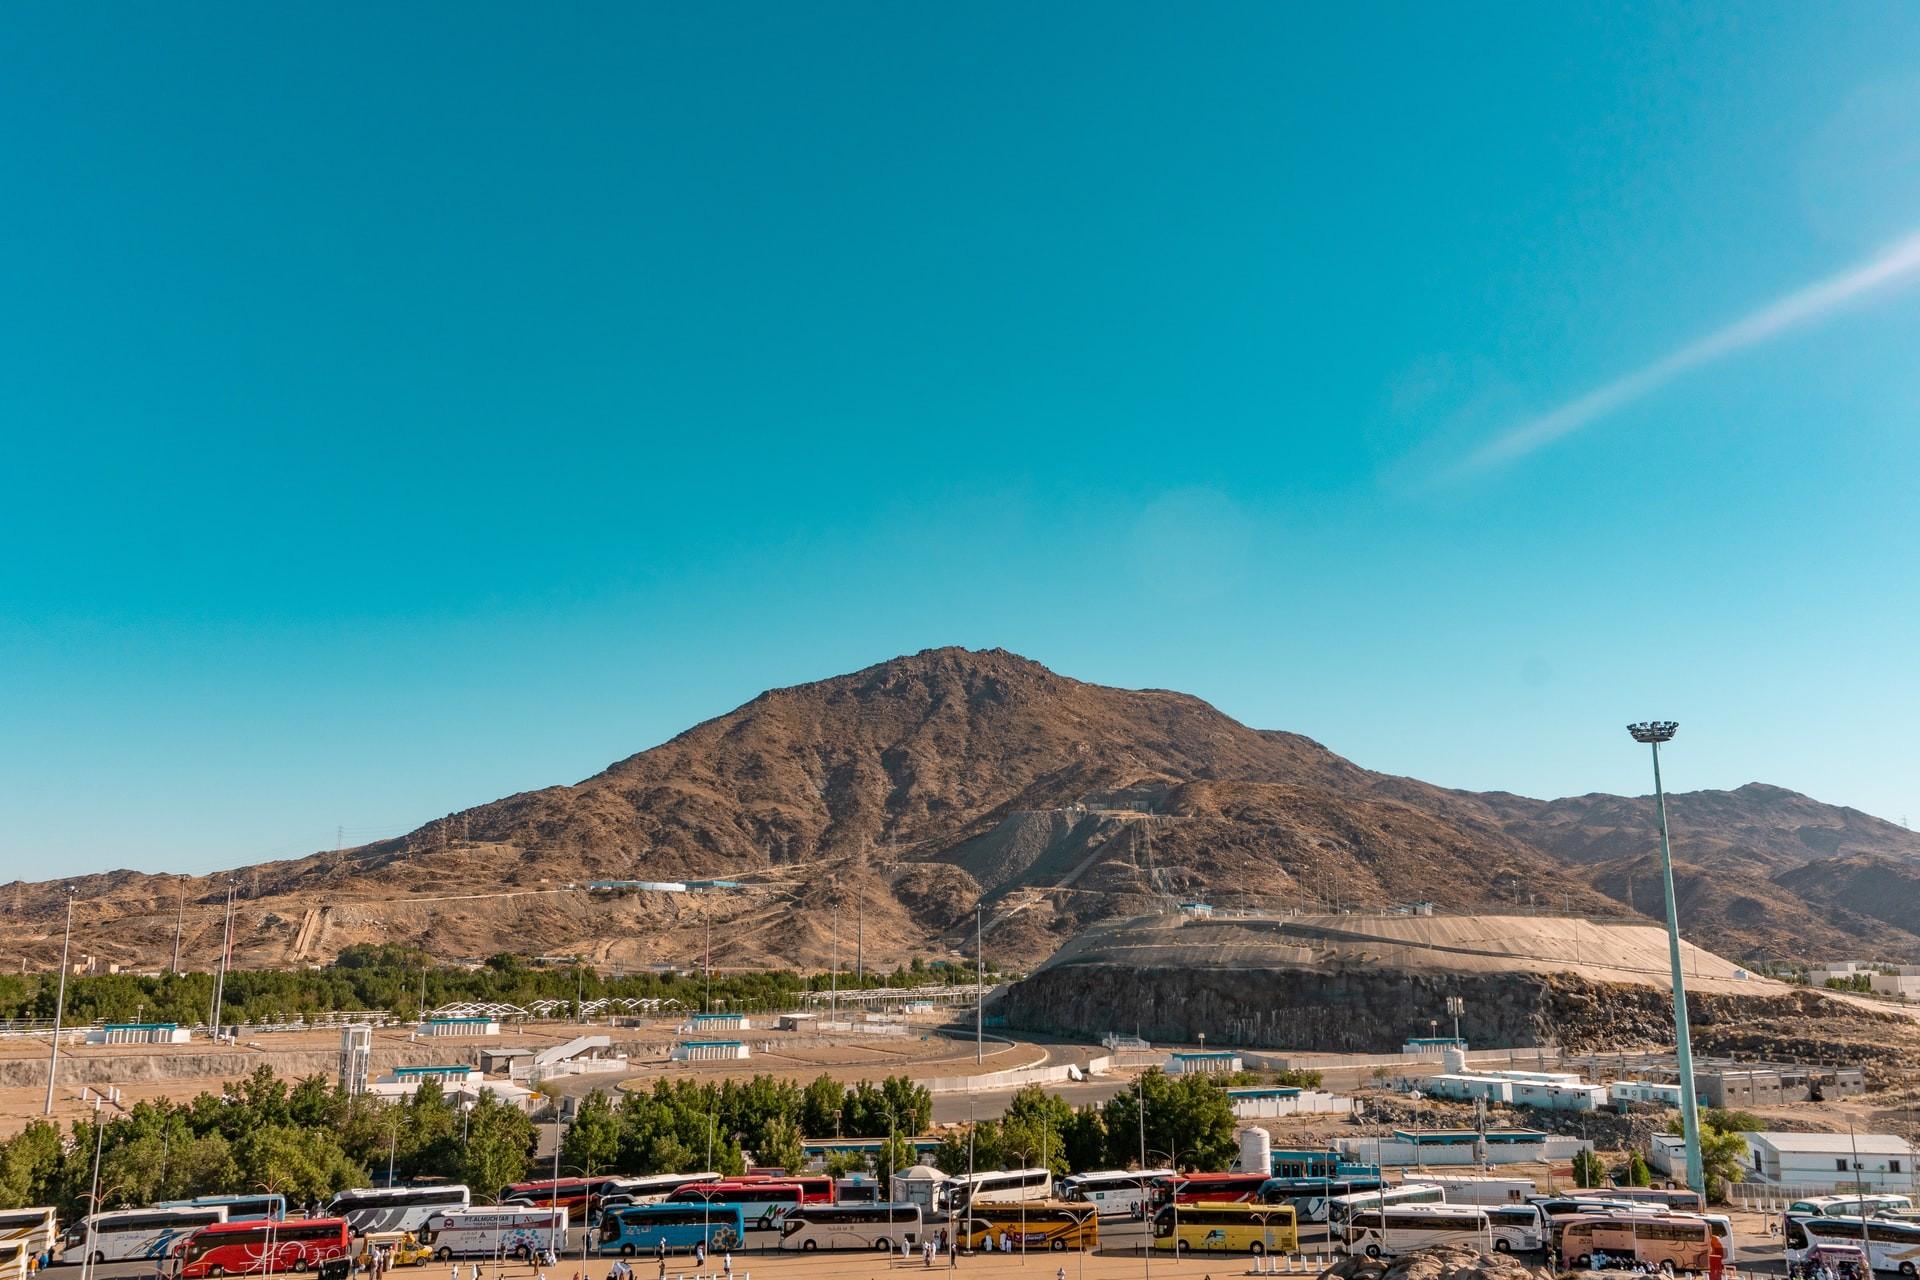 Mount Arafat Saudi Arabia